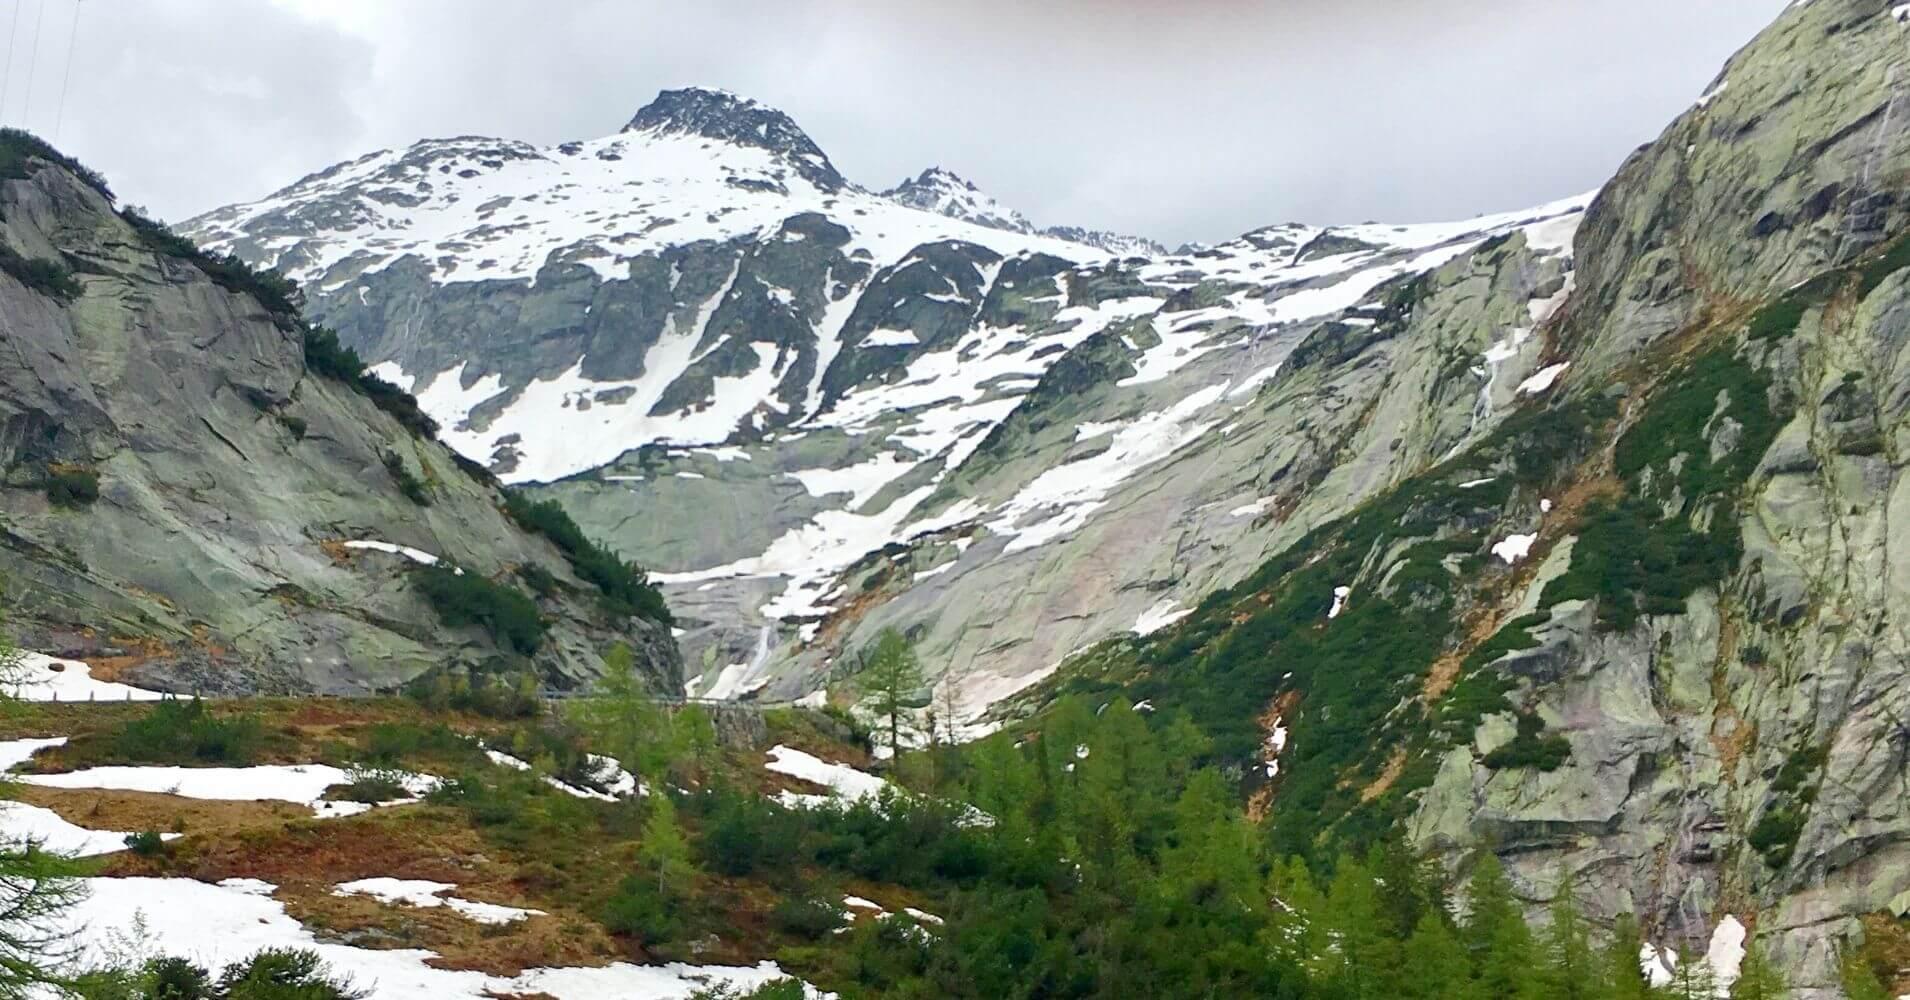 Montañas Nevadas desde la cima. Suiza.